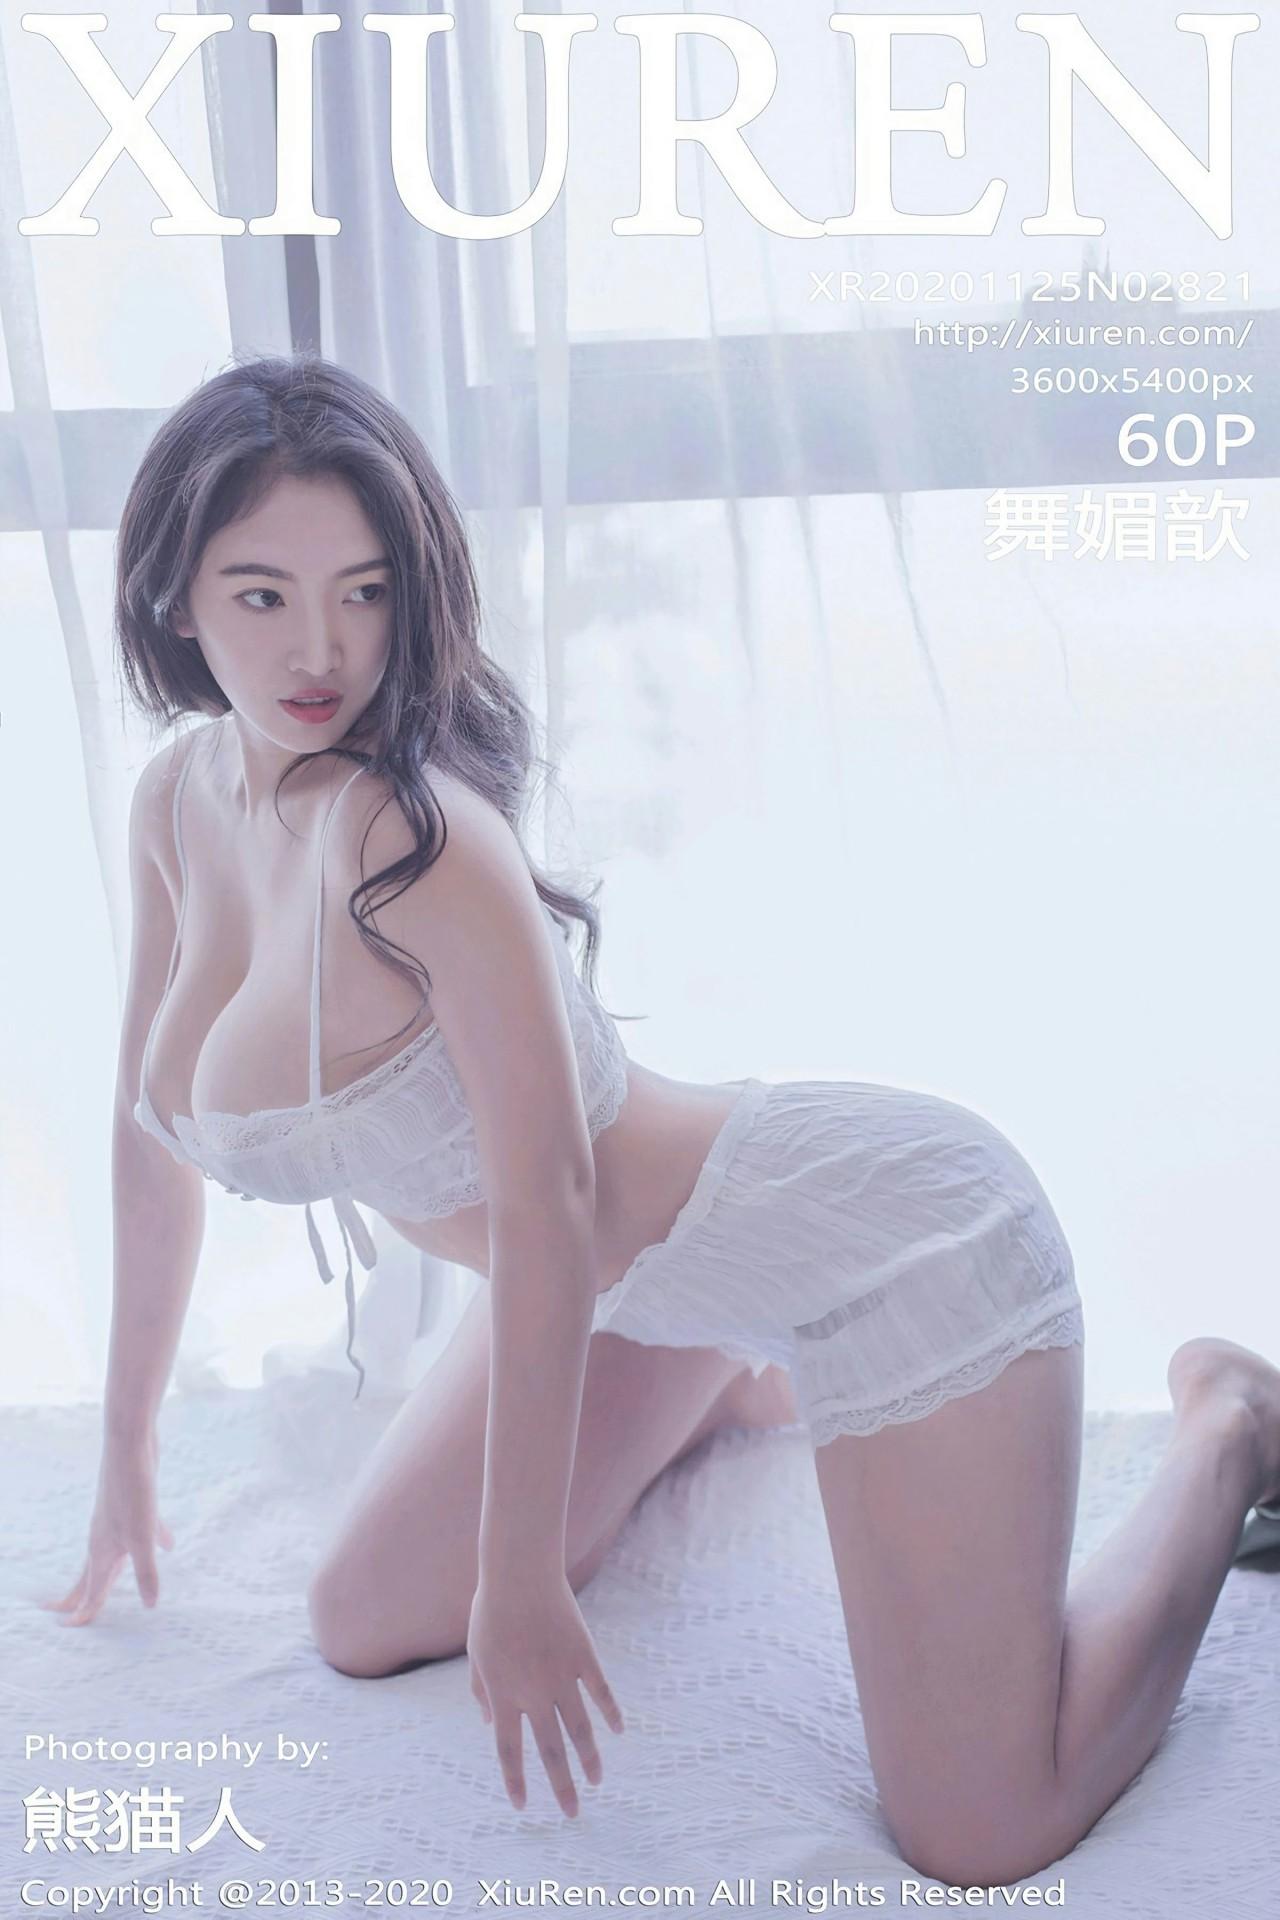 [XiuRen秀人网] 2020.11.25 No.2821 舞媚歆 第1张